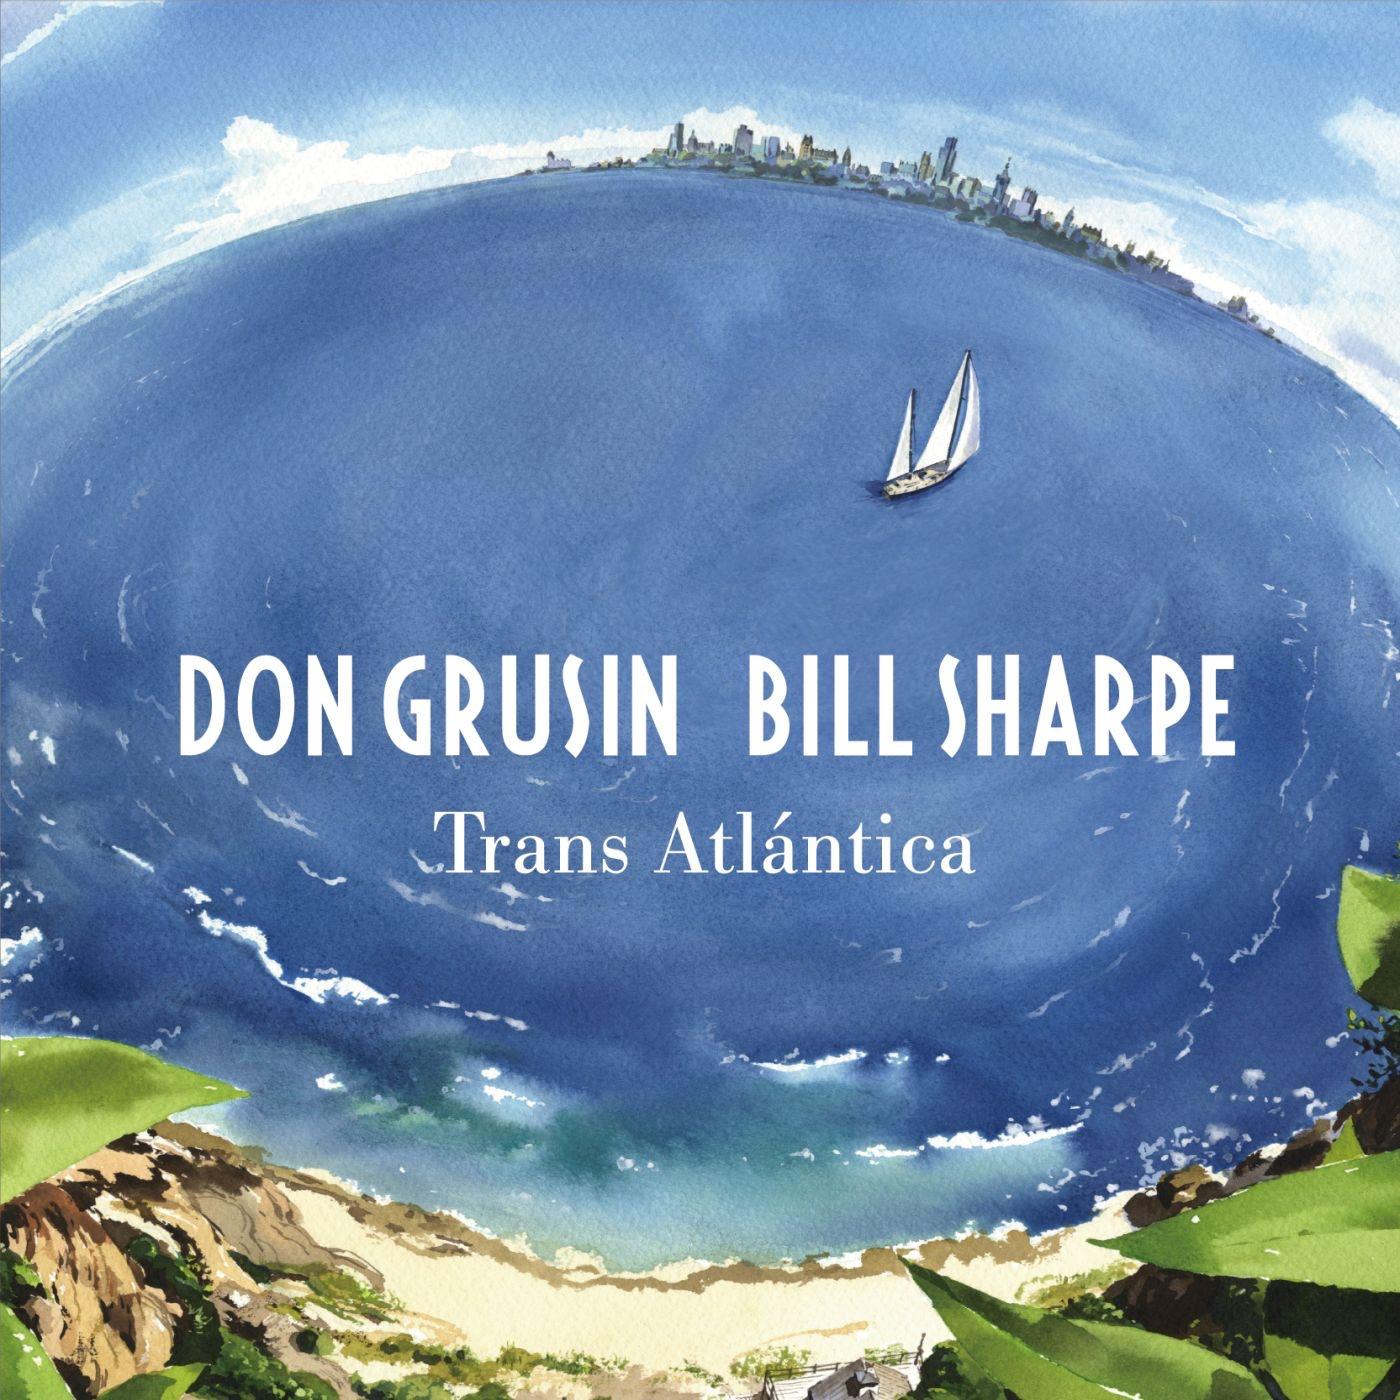 Trans Atlántica